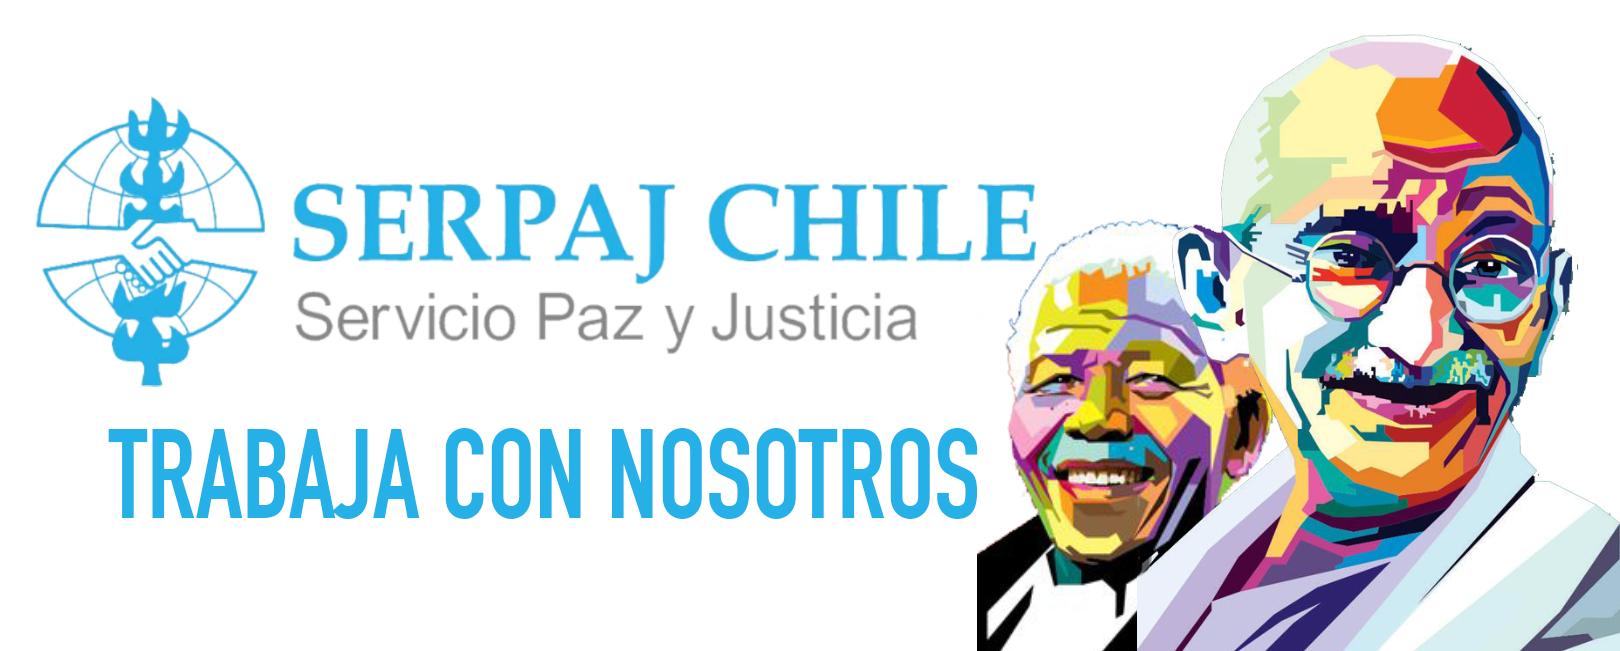 SERPAJ busca Psicólogo/a para PIE 24 hrs. en Coquimbo